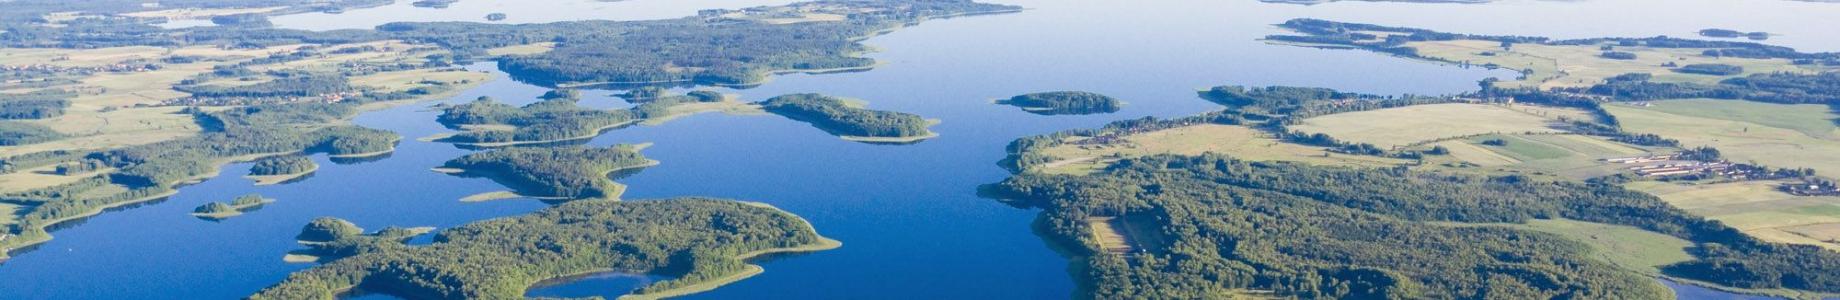 Топ-5 маршрутов для яхтинга в Европе по речным каналам и озерам